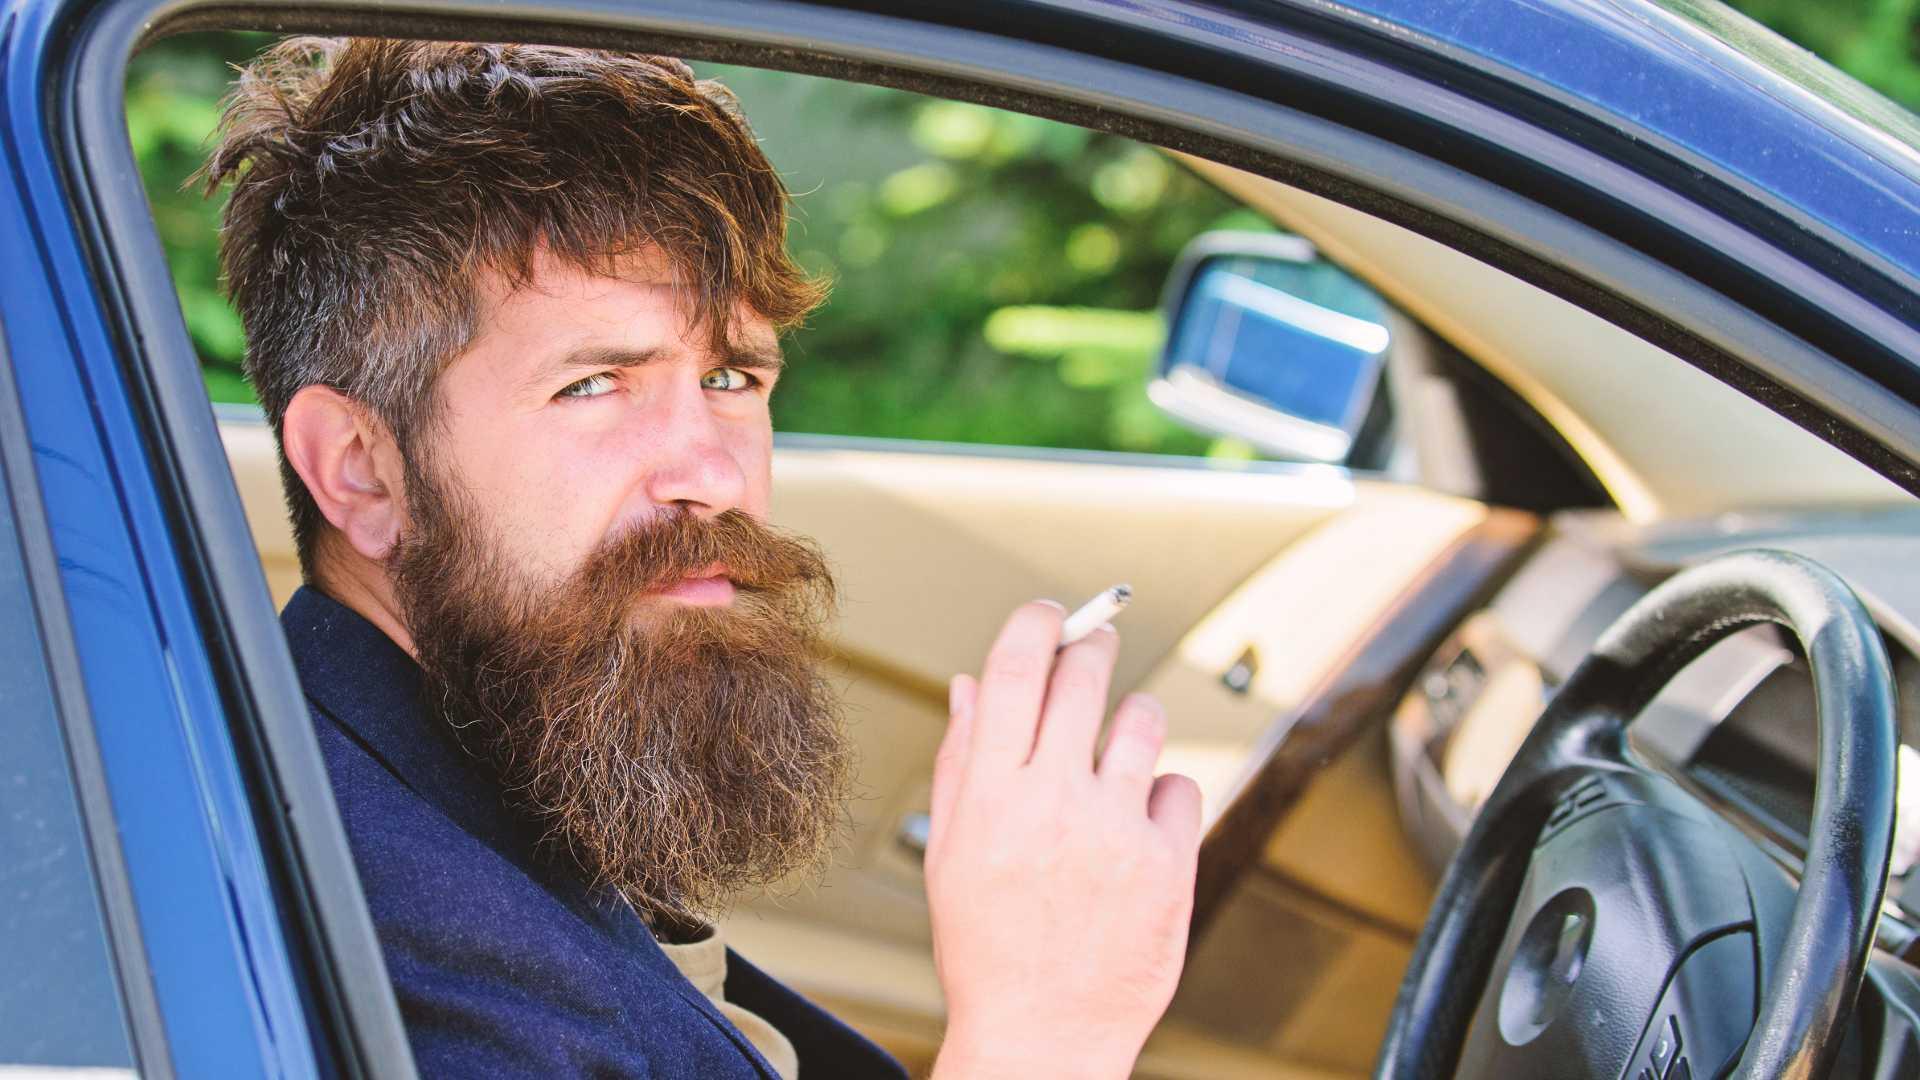 ضررسیگار روی خودرو/ سیگار ارزش خودروی شما را کاهش میدهد